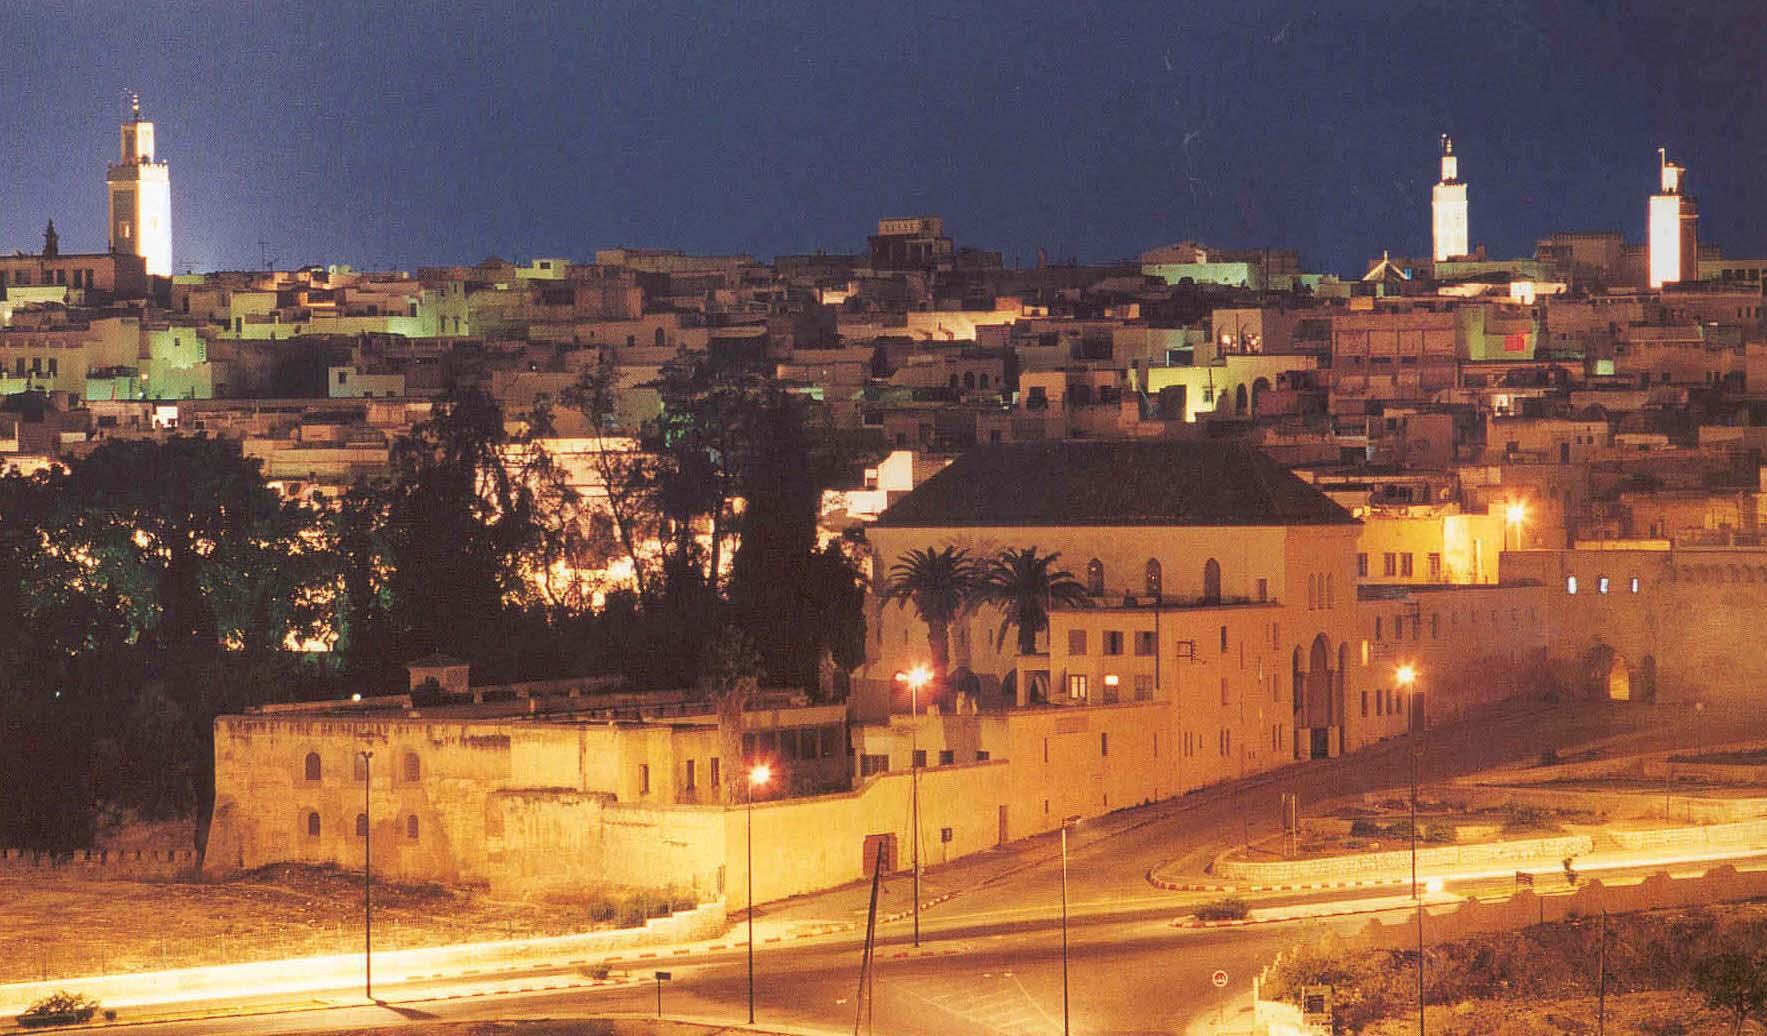 التنافسية السياحية .. المغرب يكسب تسع درجات في التصنيف العالمي لسنة 2015